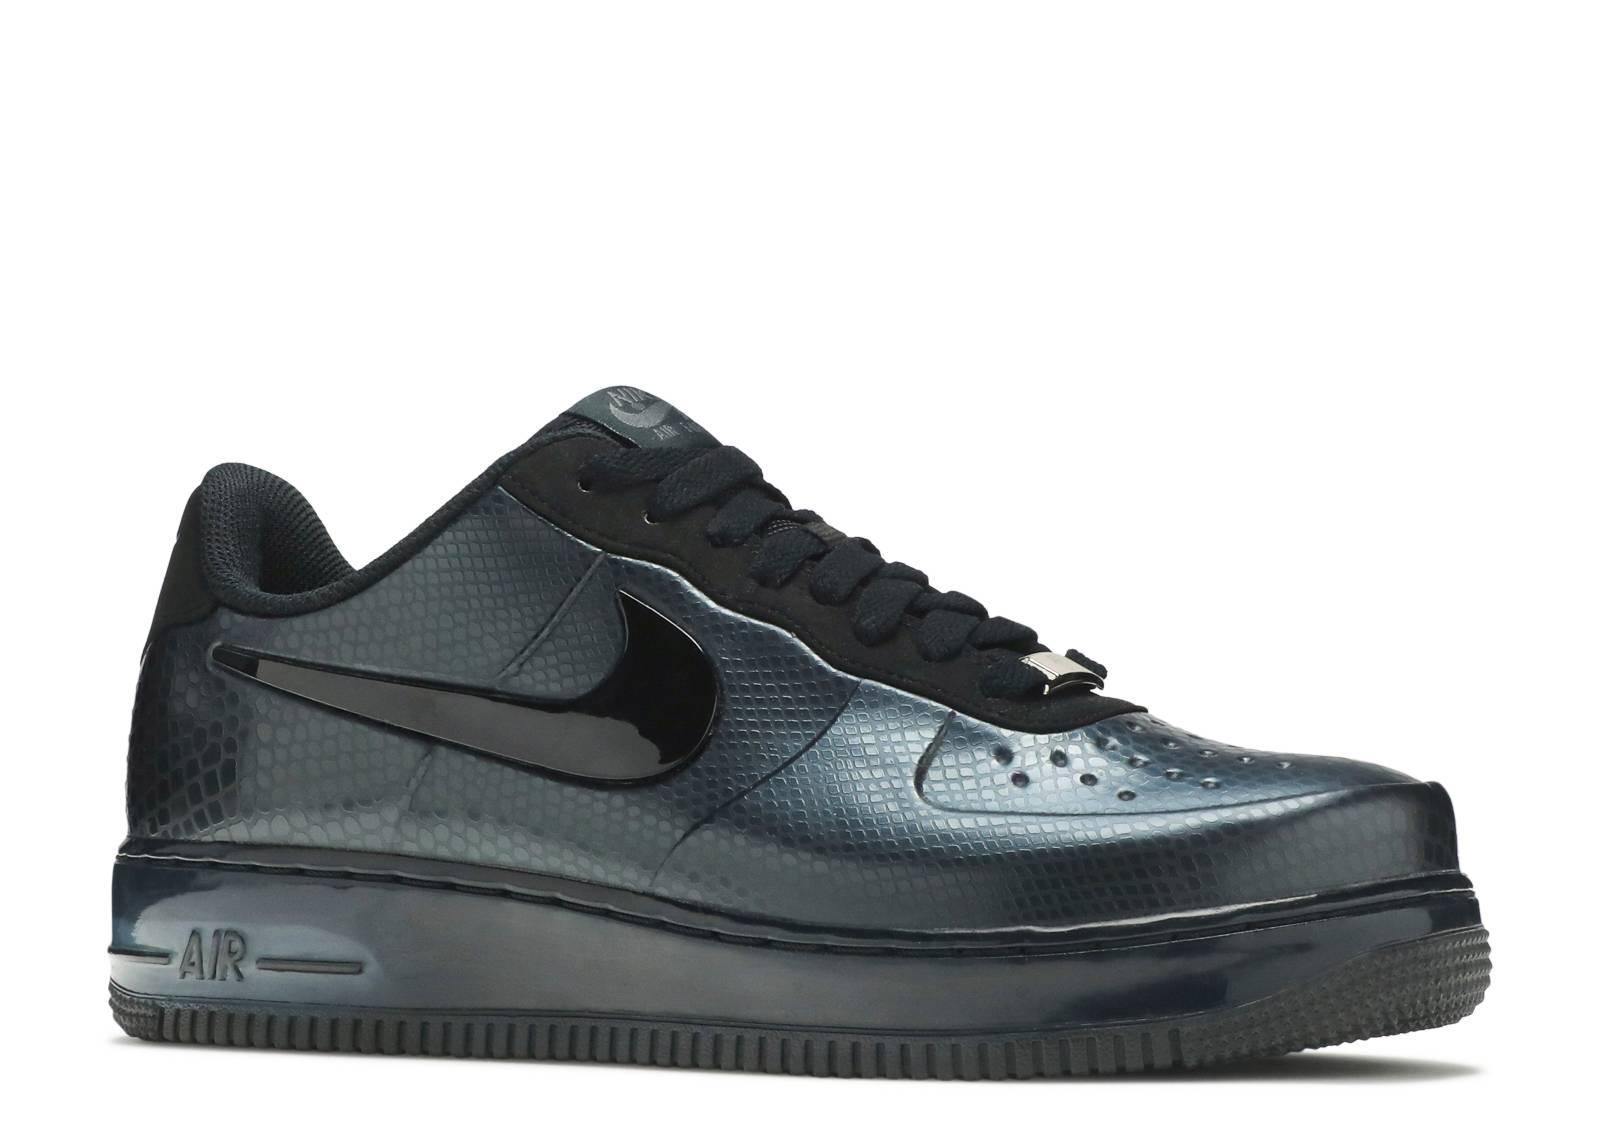 Nike Foamposite 1 Force Air 532461 Snake Pro 002 Low Black xO6TwE